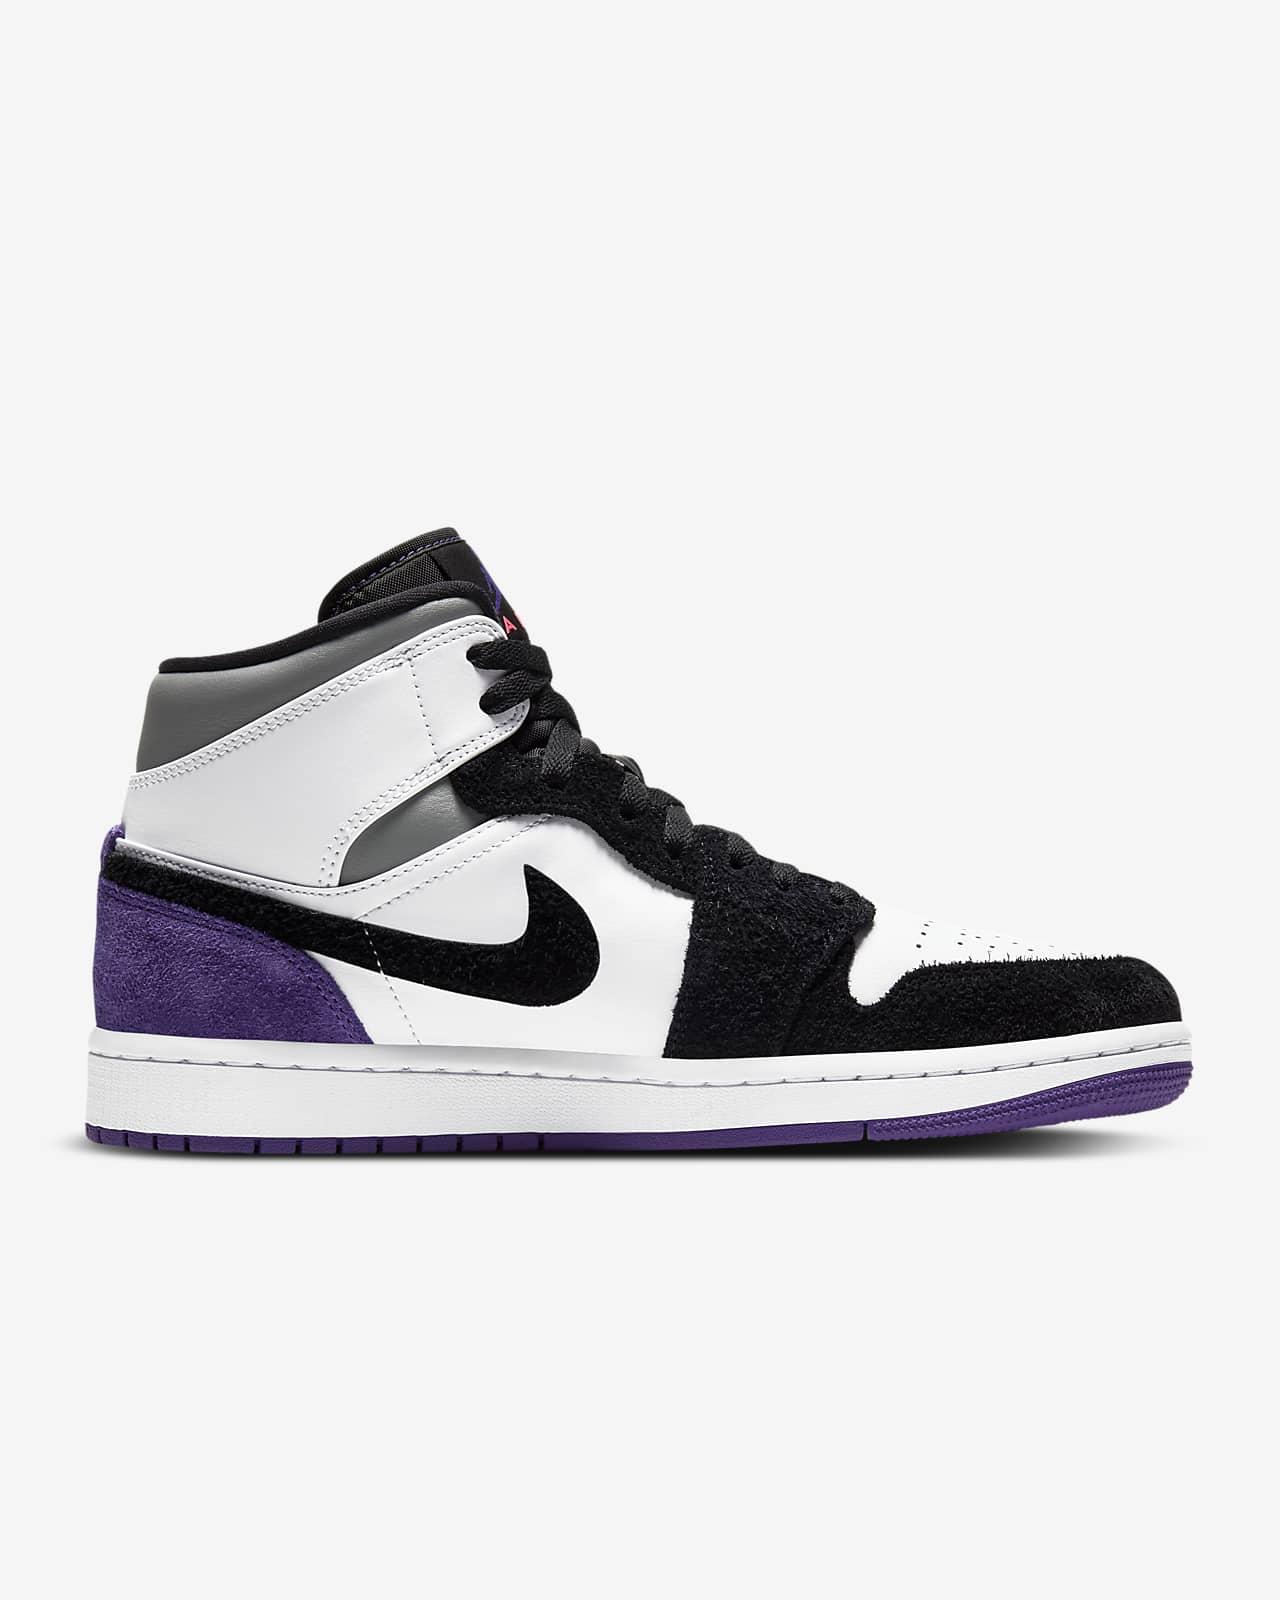 Air Jordan 1 Mid SE Men's Shoes. Nike LU